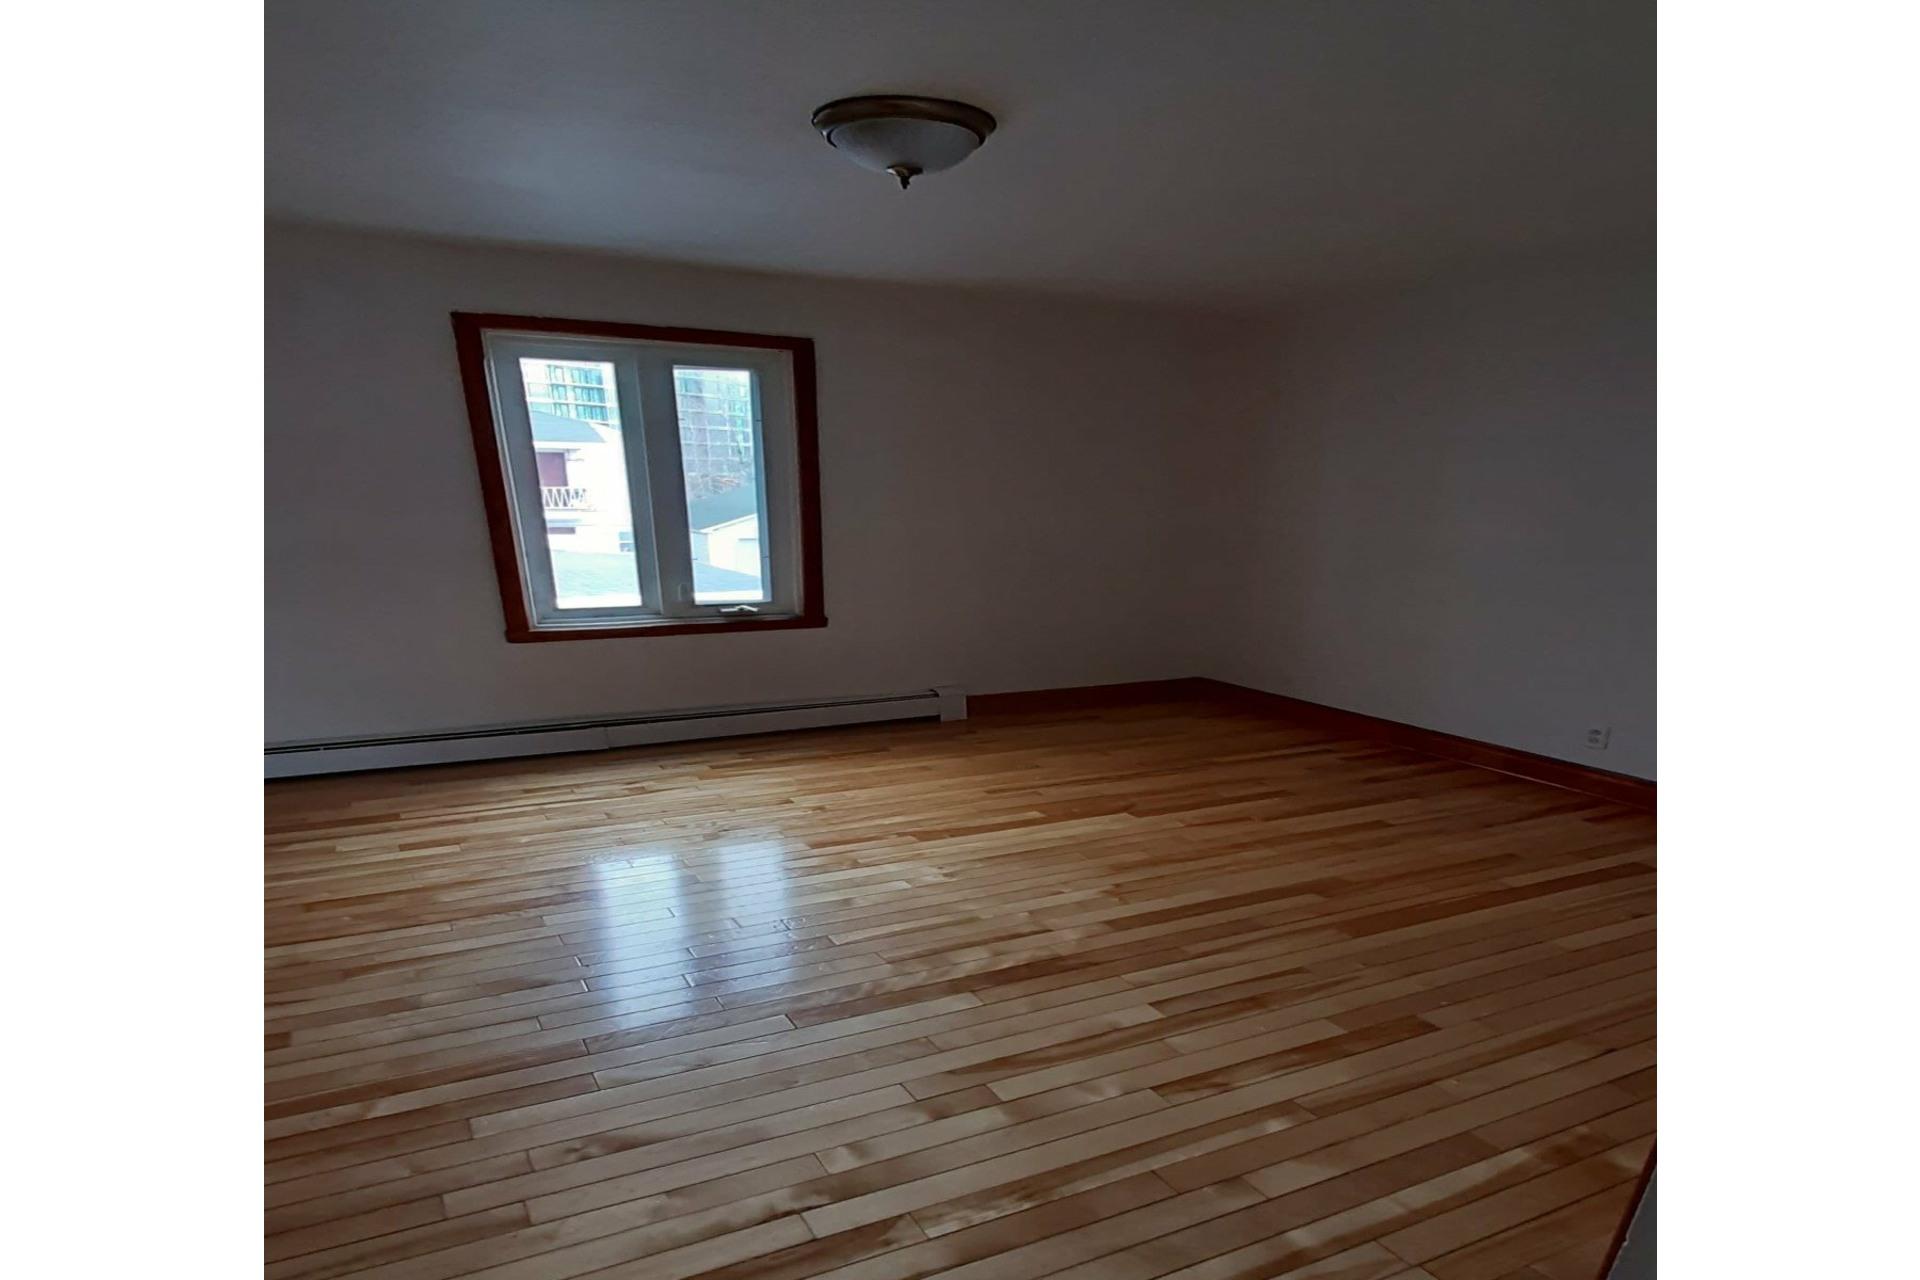 image 4 - Duplex For sale Joliette - 5 rooms